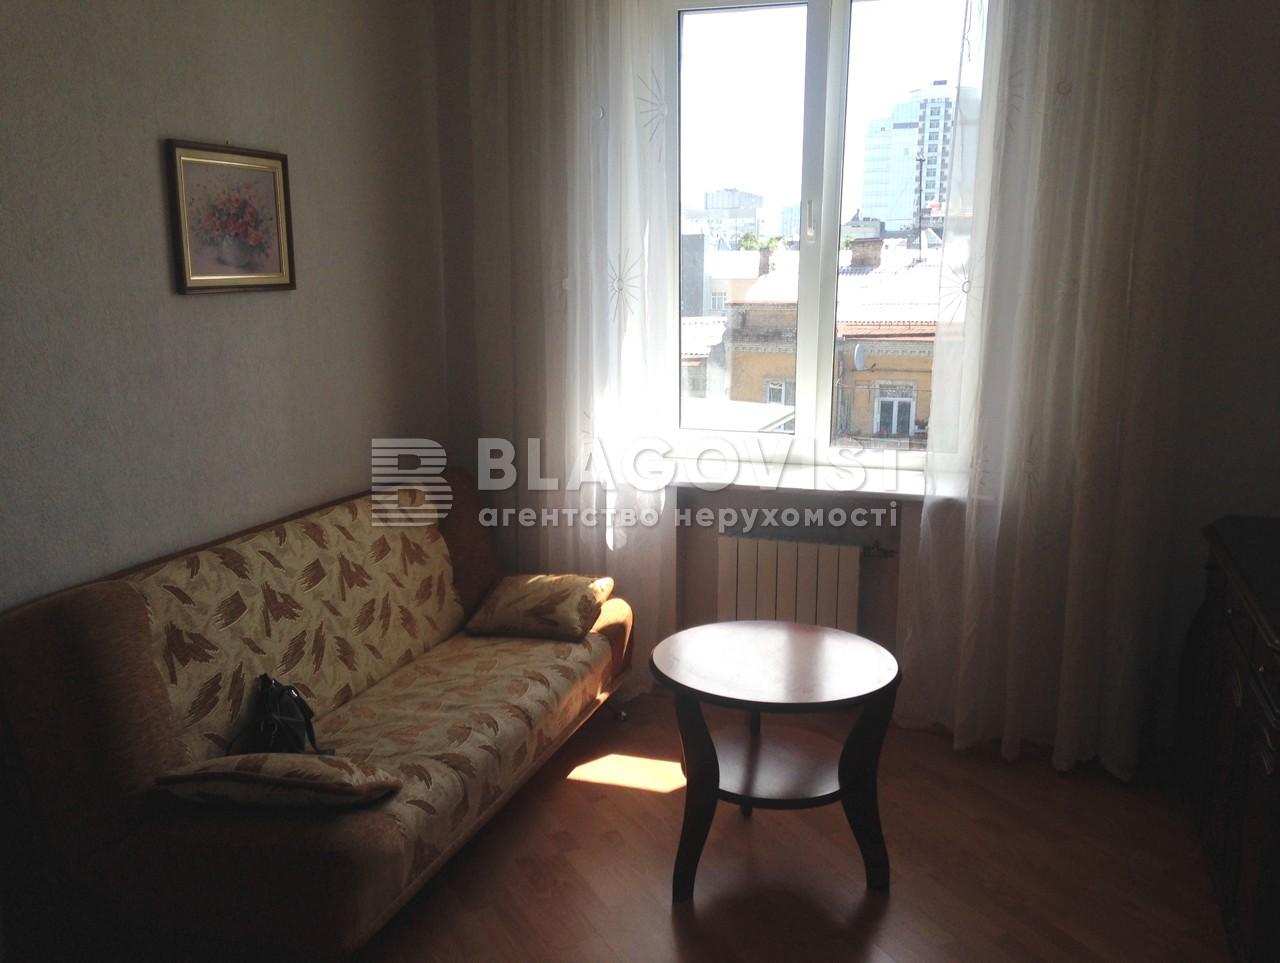 Квартира H-3344, Пирогова, 2, Киев - Фото 5